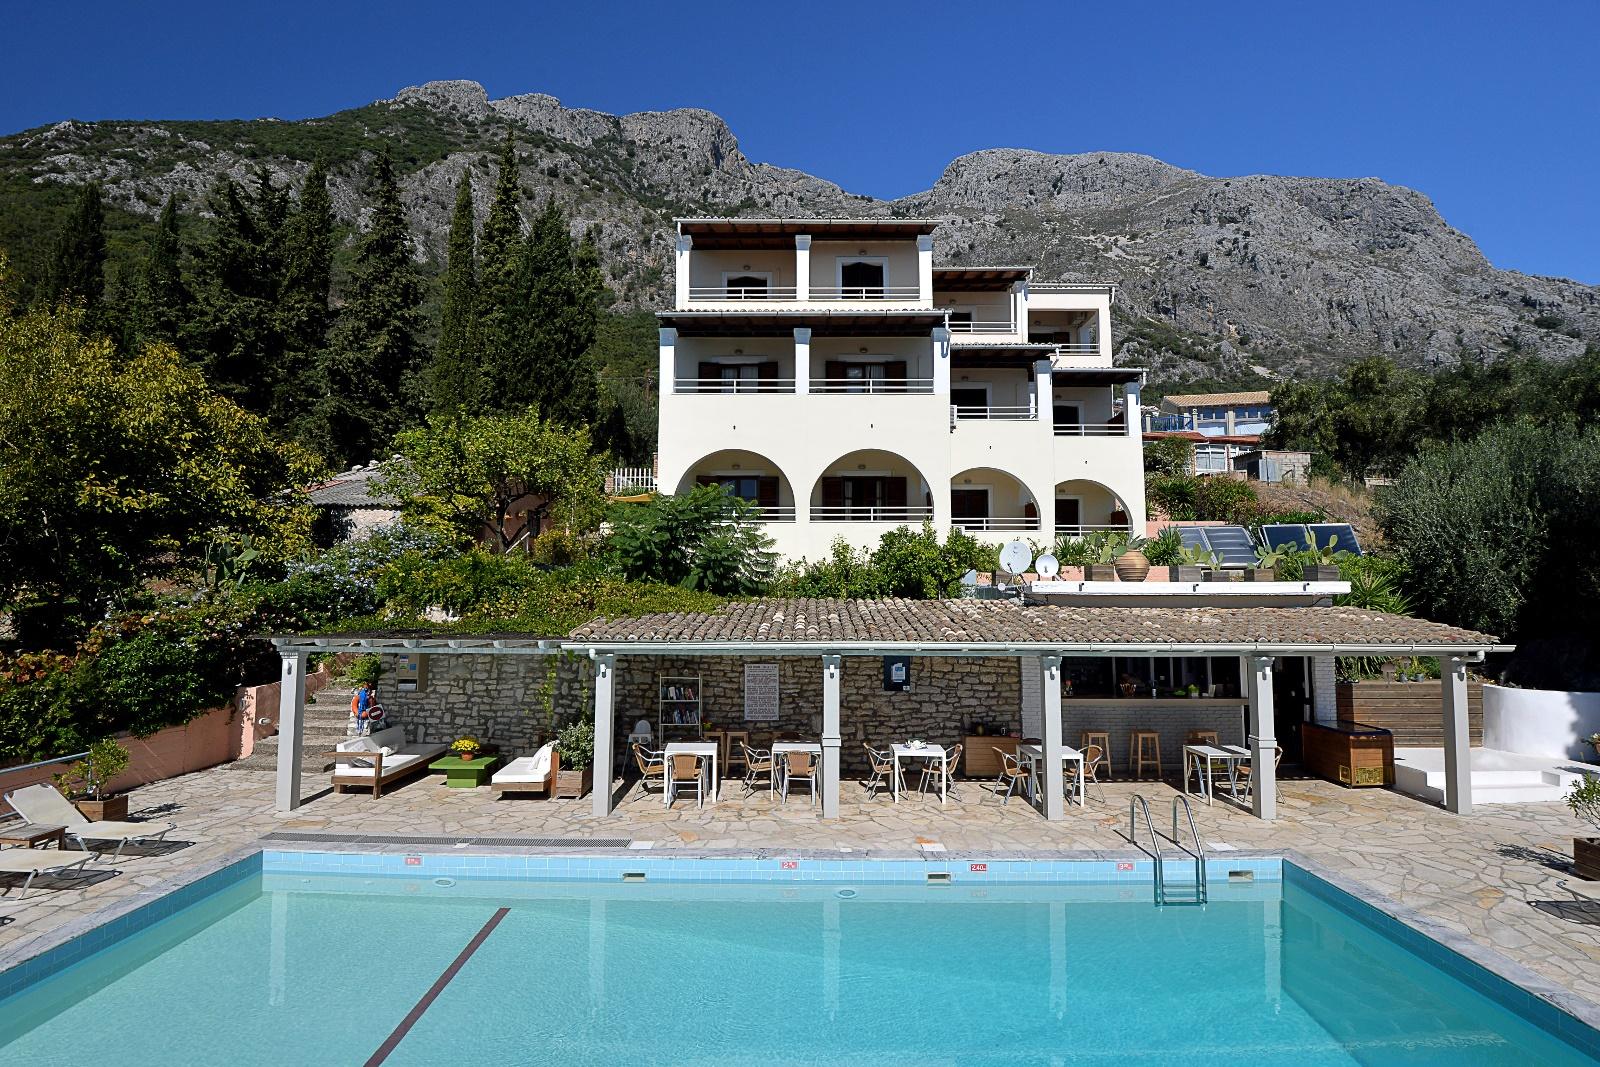 All Inclusive Sun Holidays to Captain's Apartments Barbati